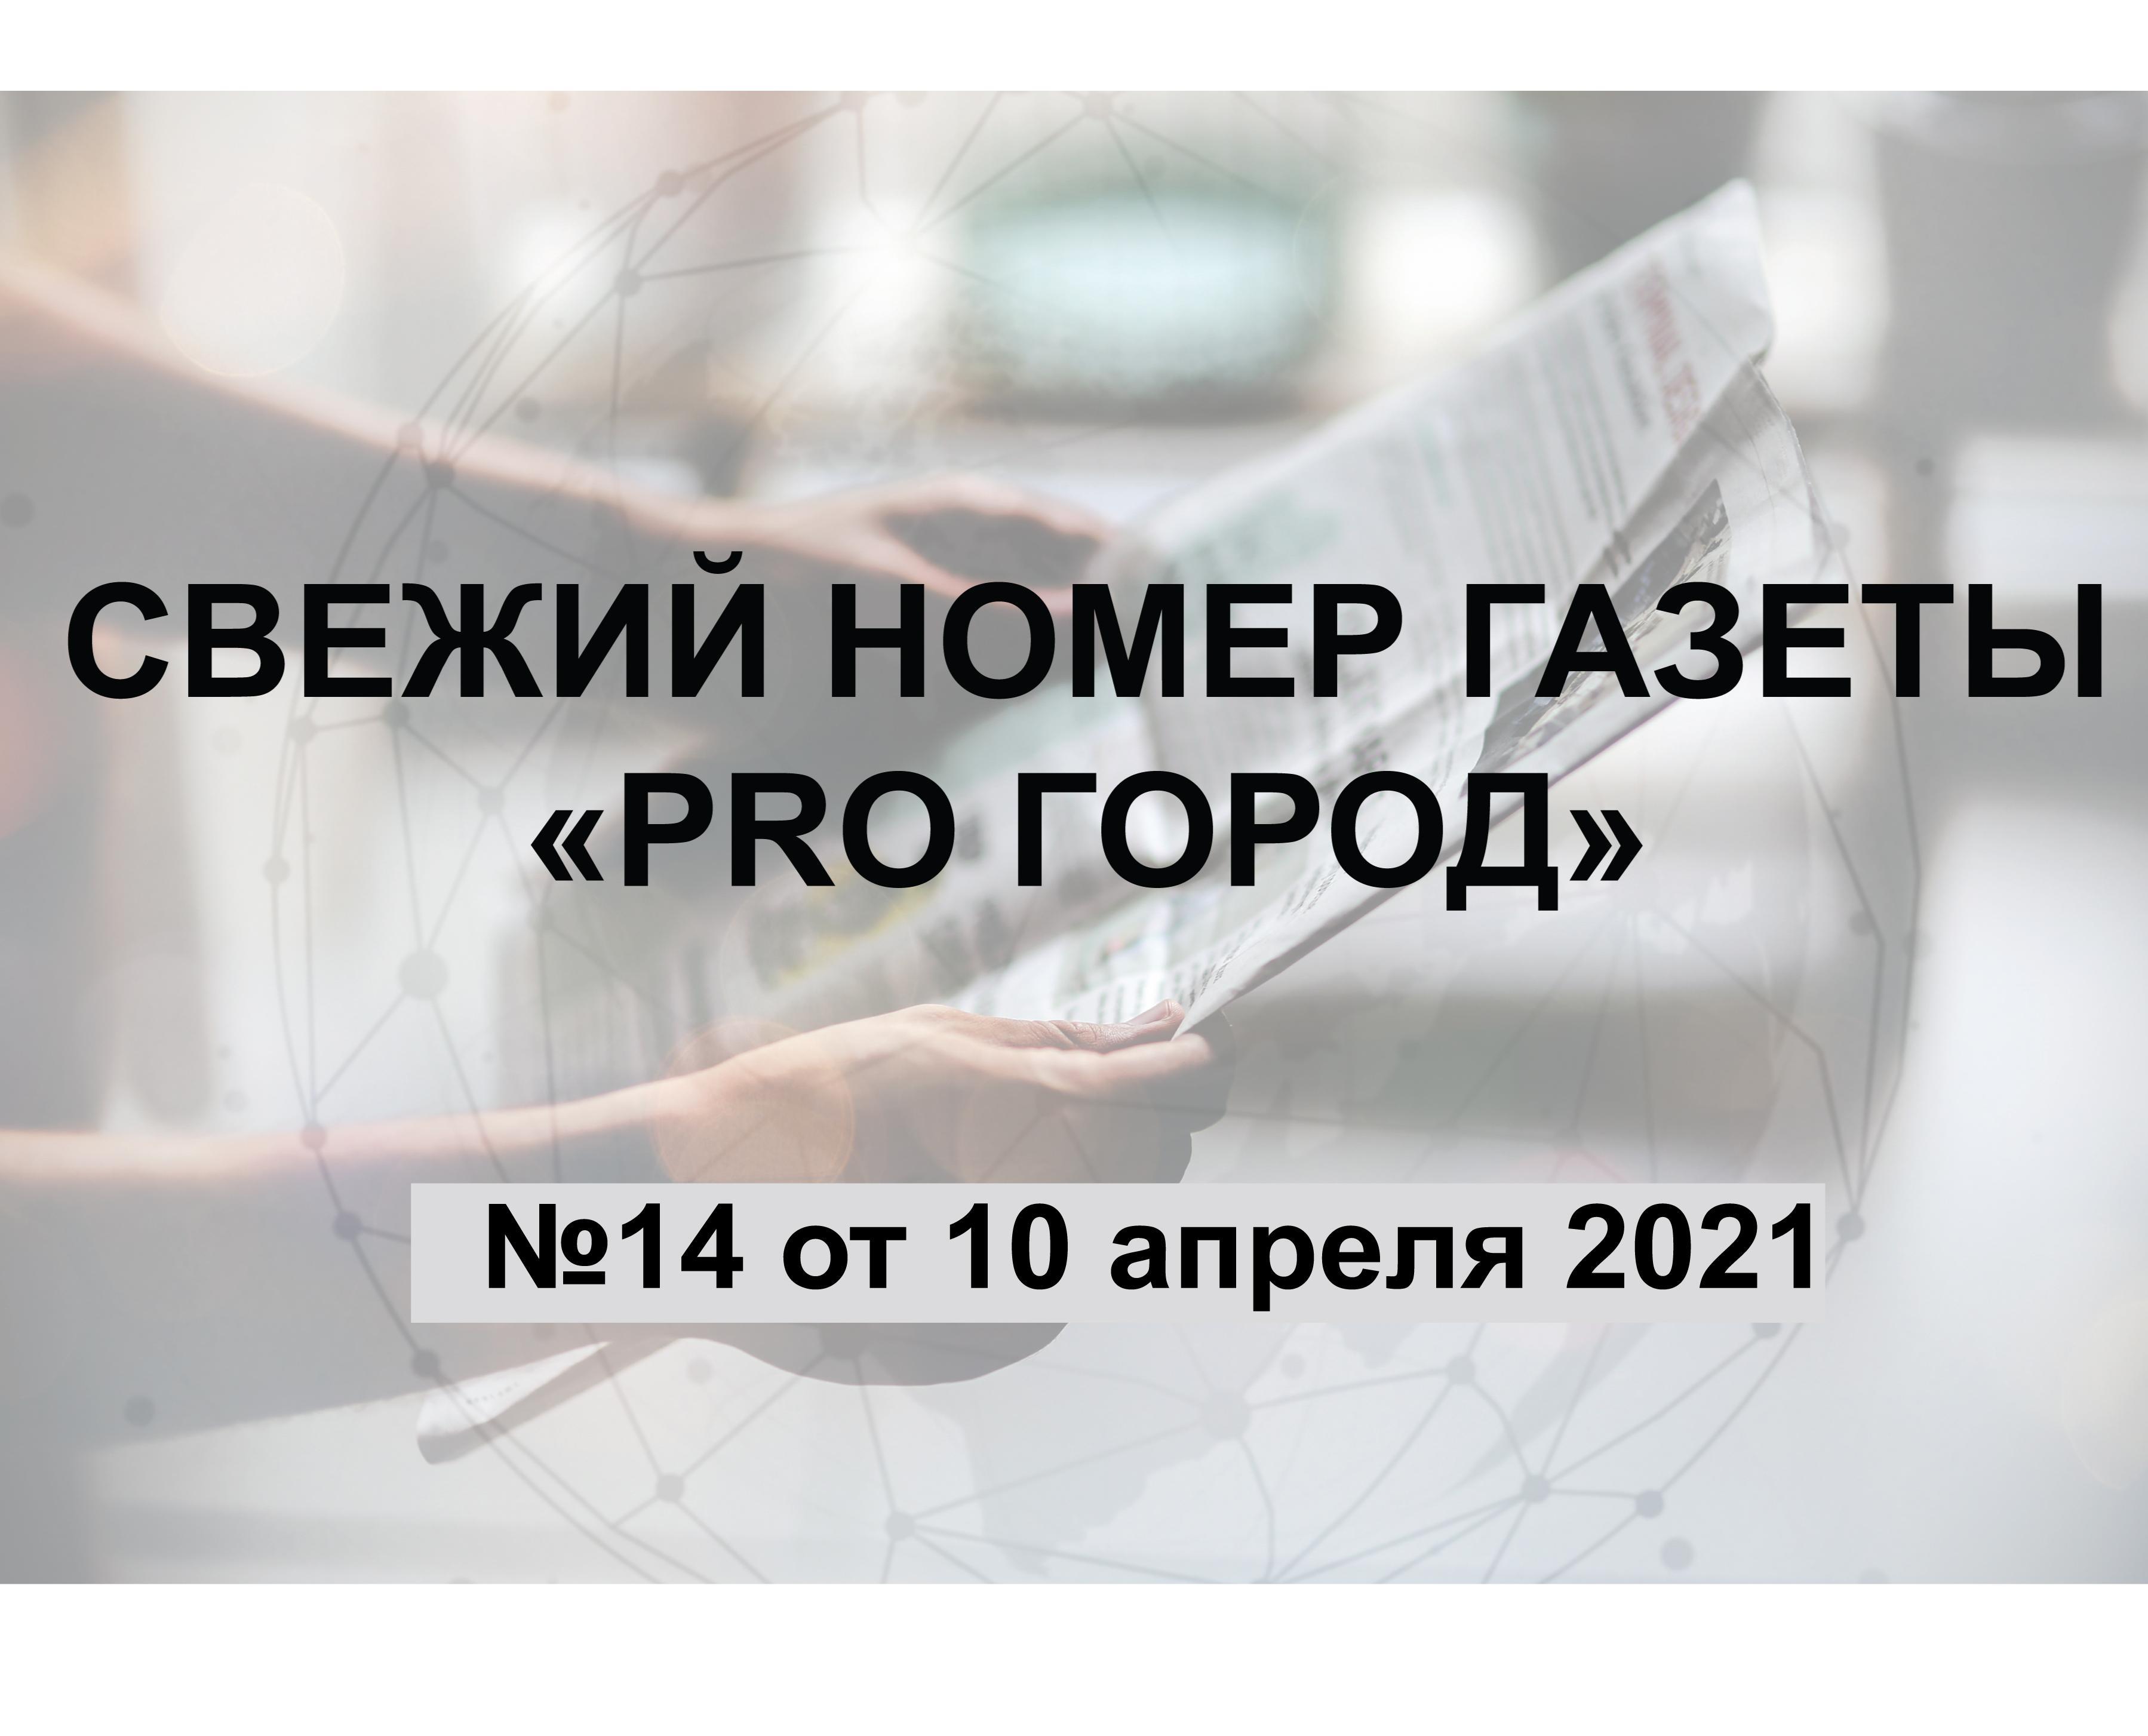 Газета «Pro Город Кирово-Чепецк» номер 14 от 10 апреля 2021 года